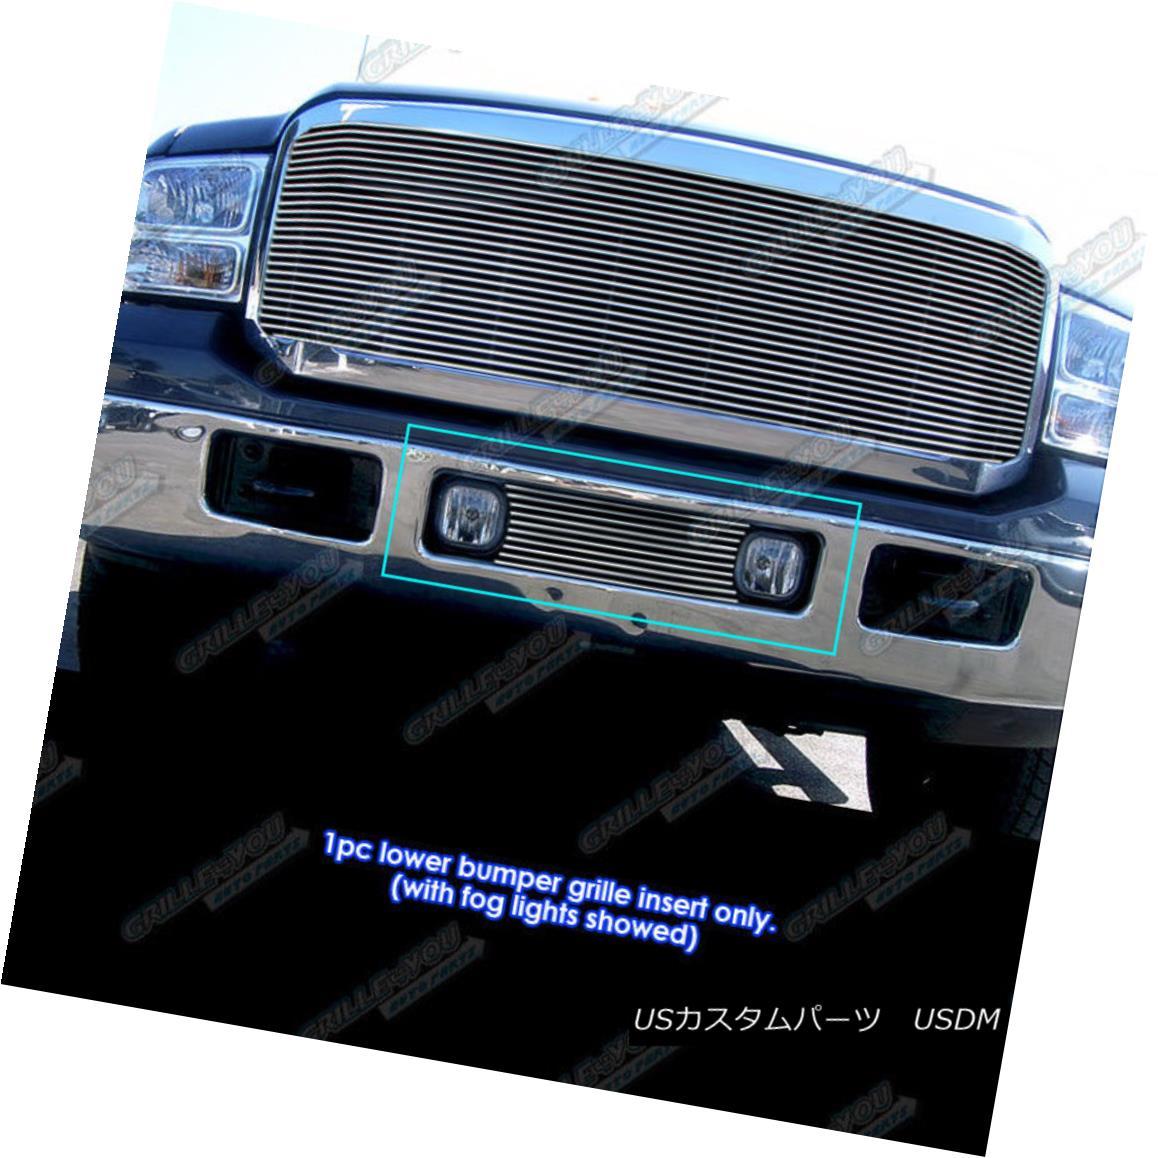 グリル 05-07 Ford F250/F350/F450 SuperDuty/Excursion Bumper Billet Grille Grill Insert 05-07 Ford F250 / F350 / F450 SuperDuty / Excu rsionバンパービレットグリルグリルインサート